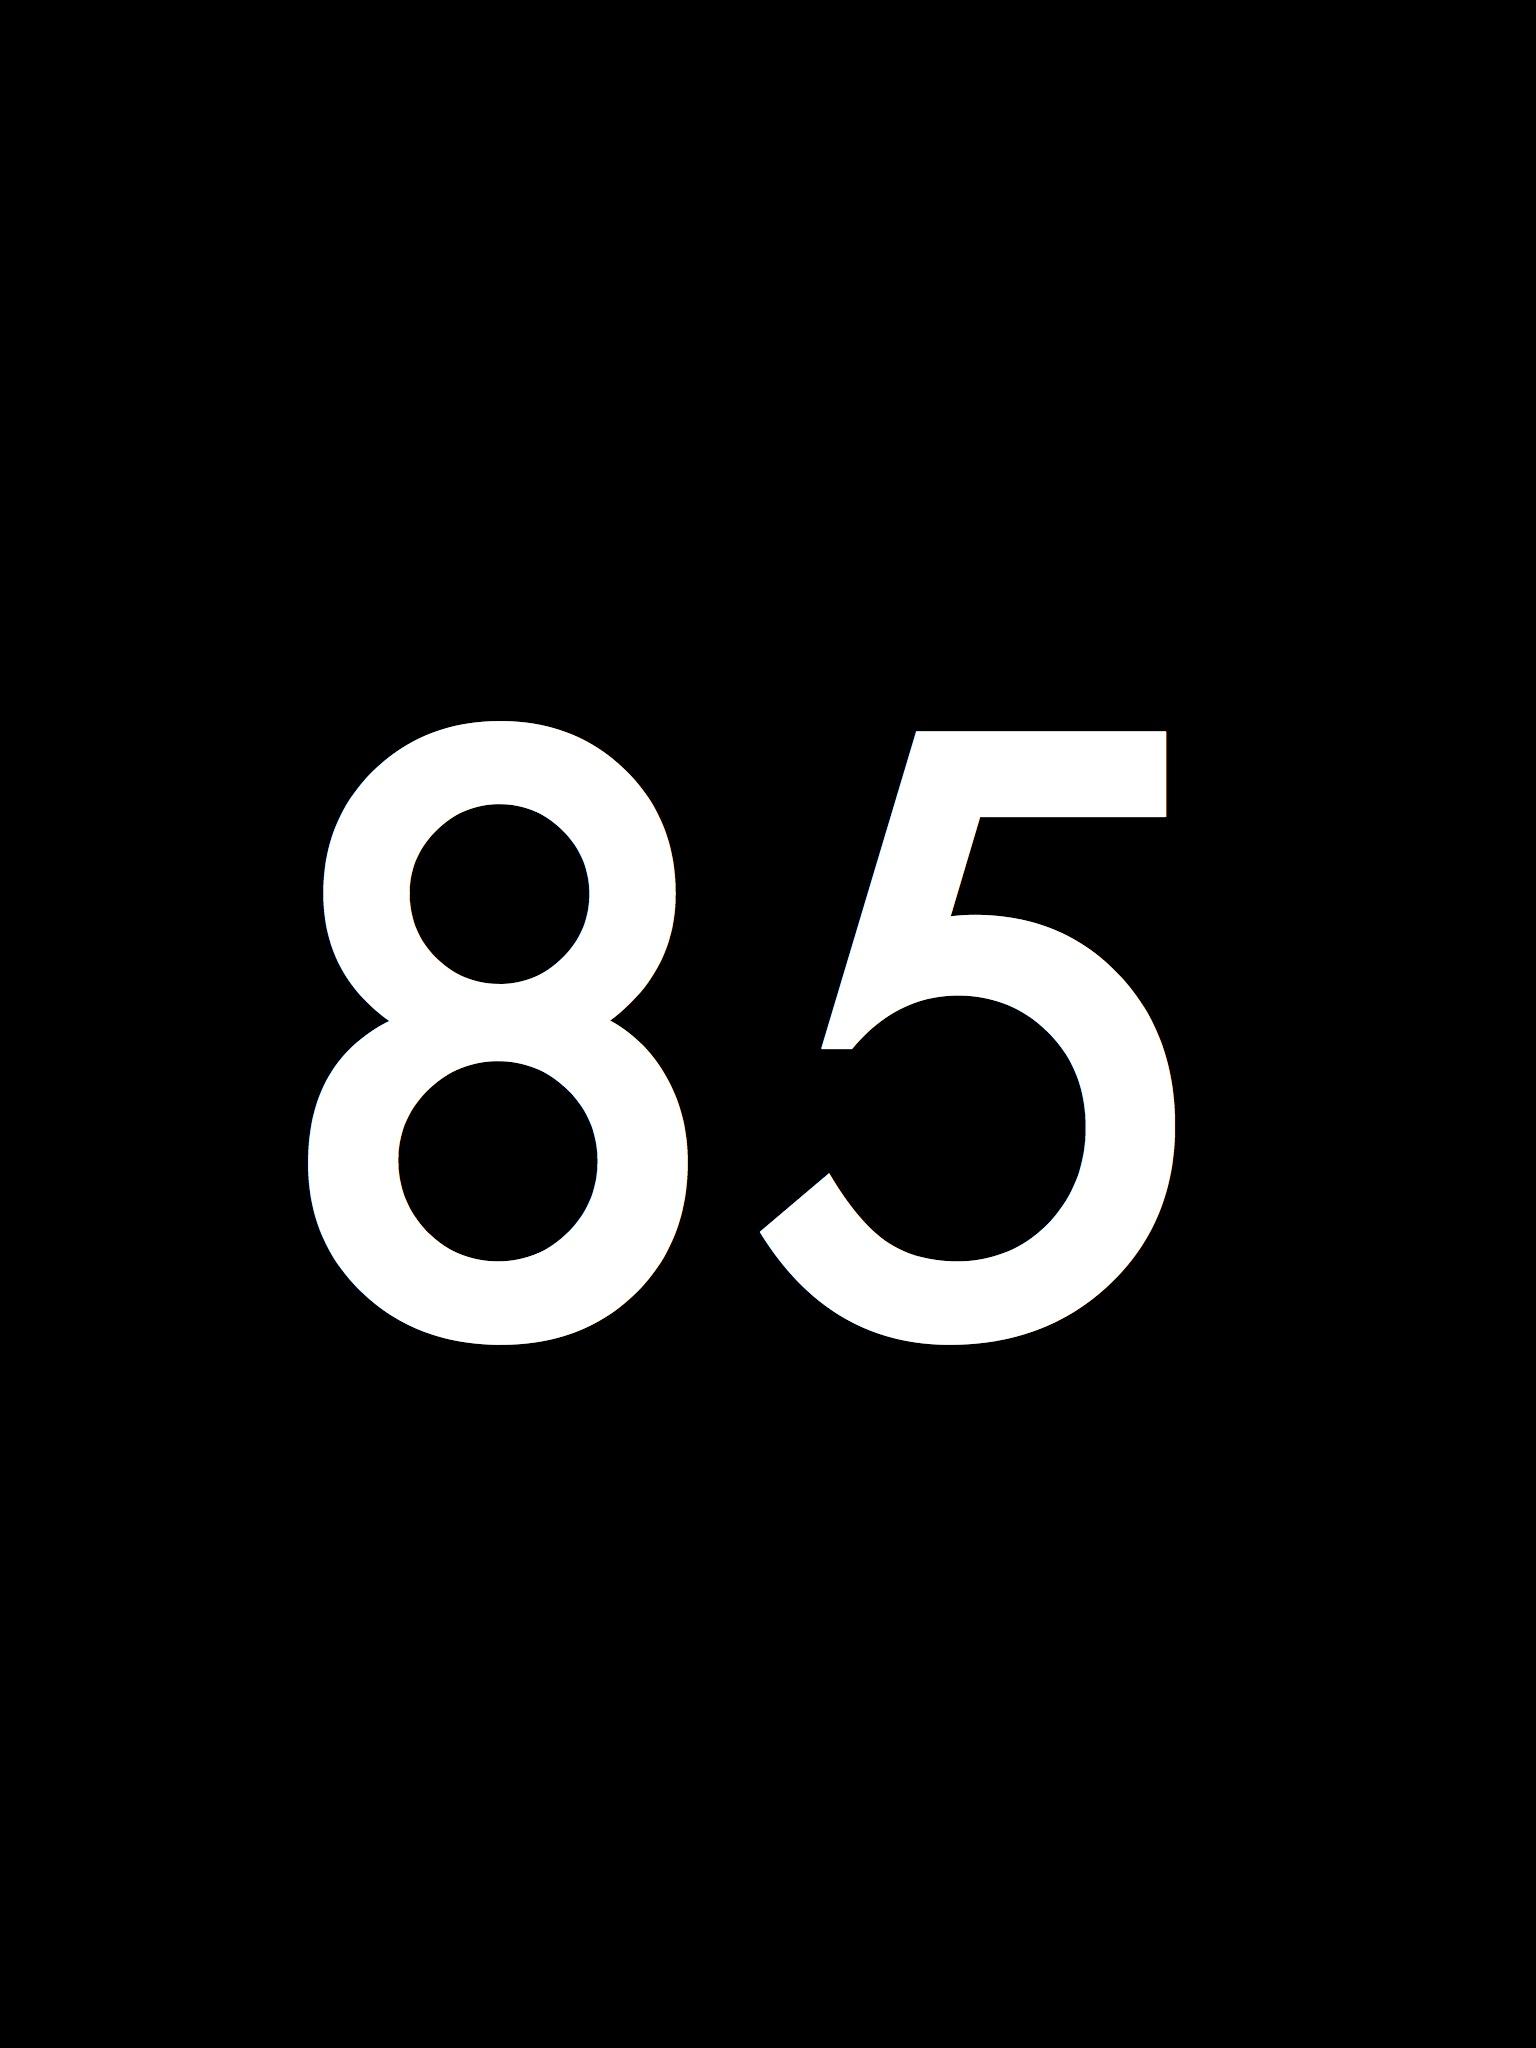 Black_Number.085.jpg